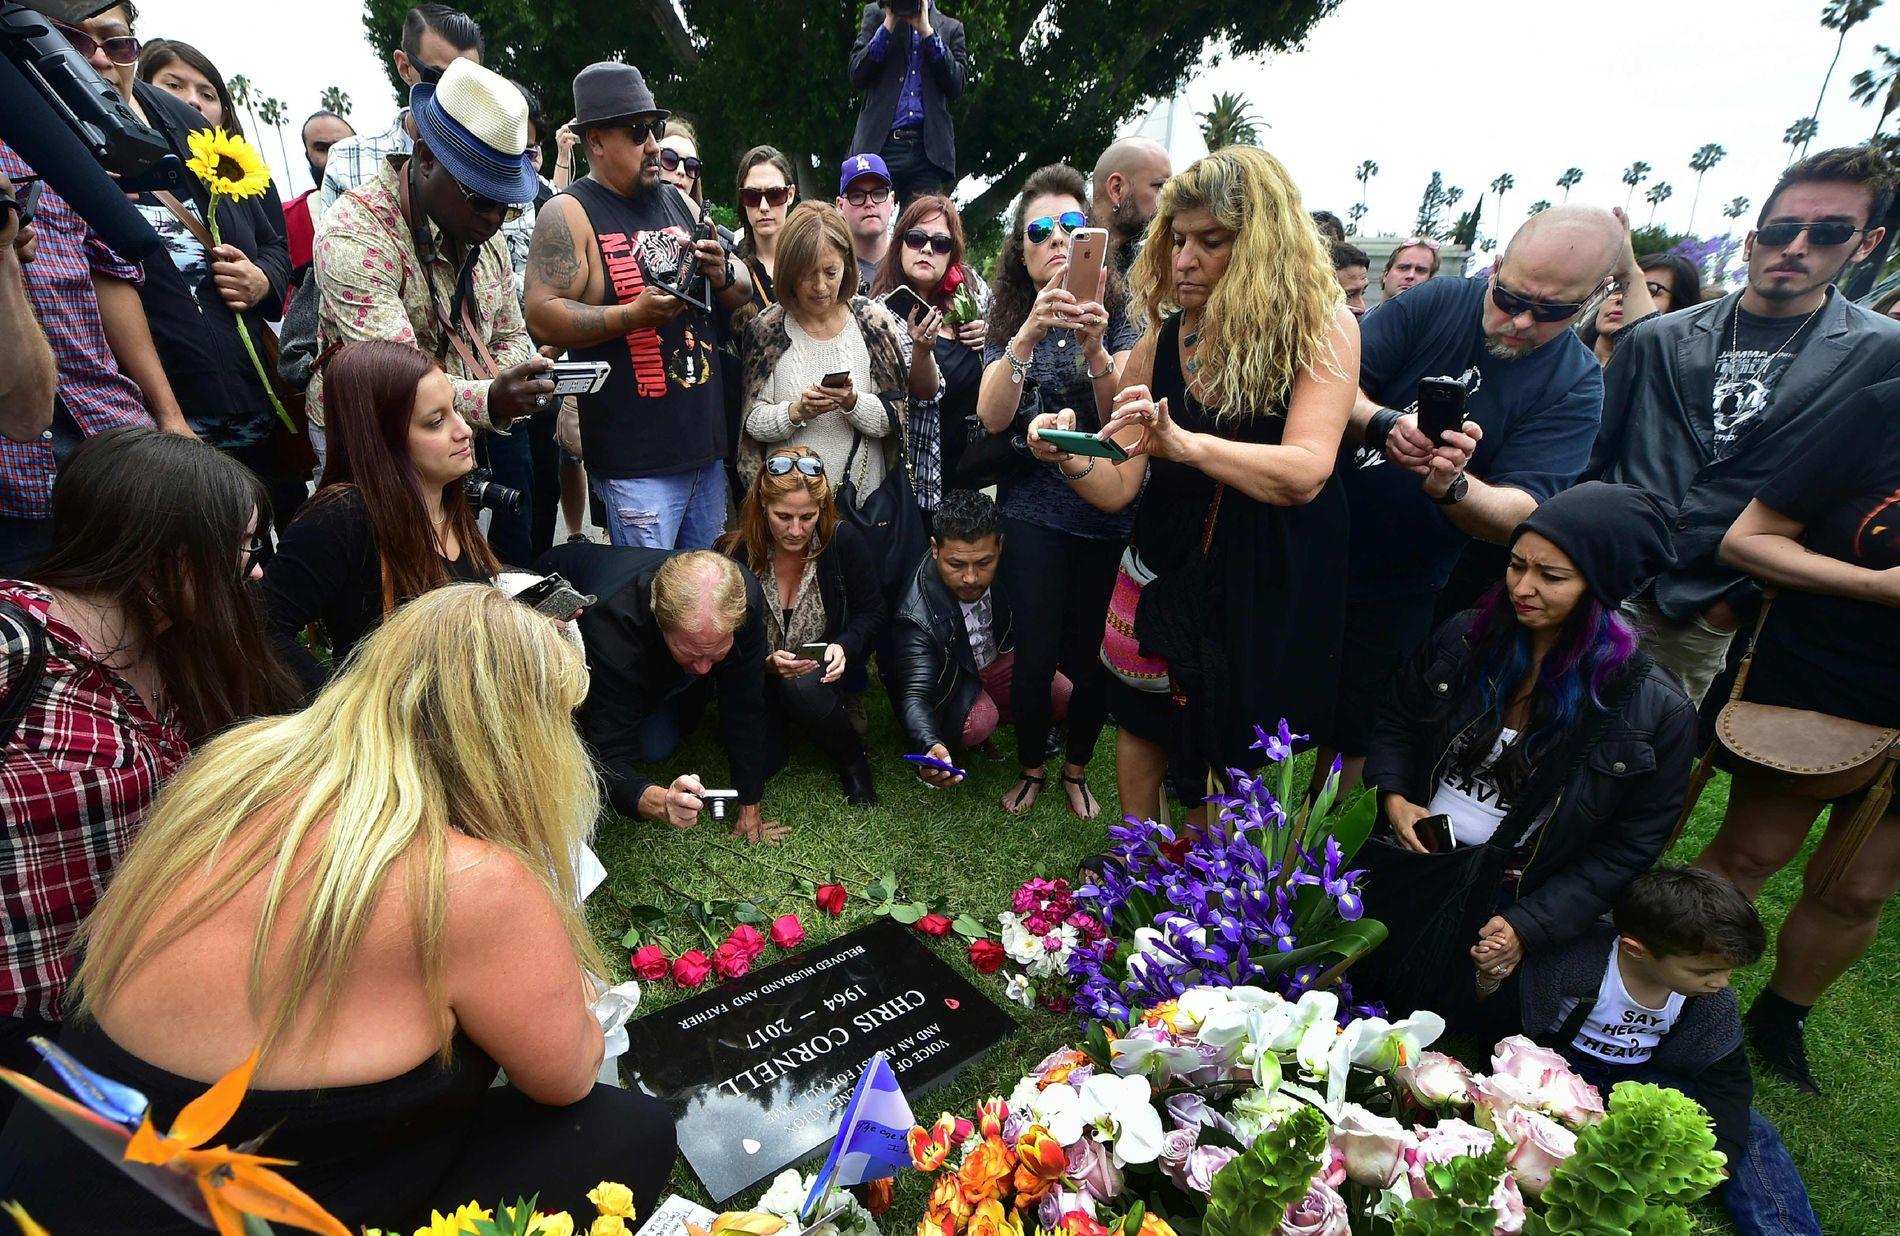 GRAVSTEDET: Etter at den private seremonien var over, fikk fansen anledning til å besøke stedet hvor Chris Cornells urne er satt ned. Foreløpig er det bare en minneplate som viser hvem som har sitt siste hvilested her.